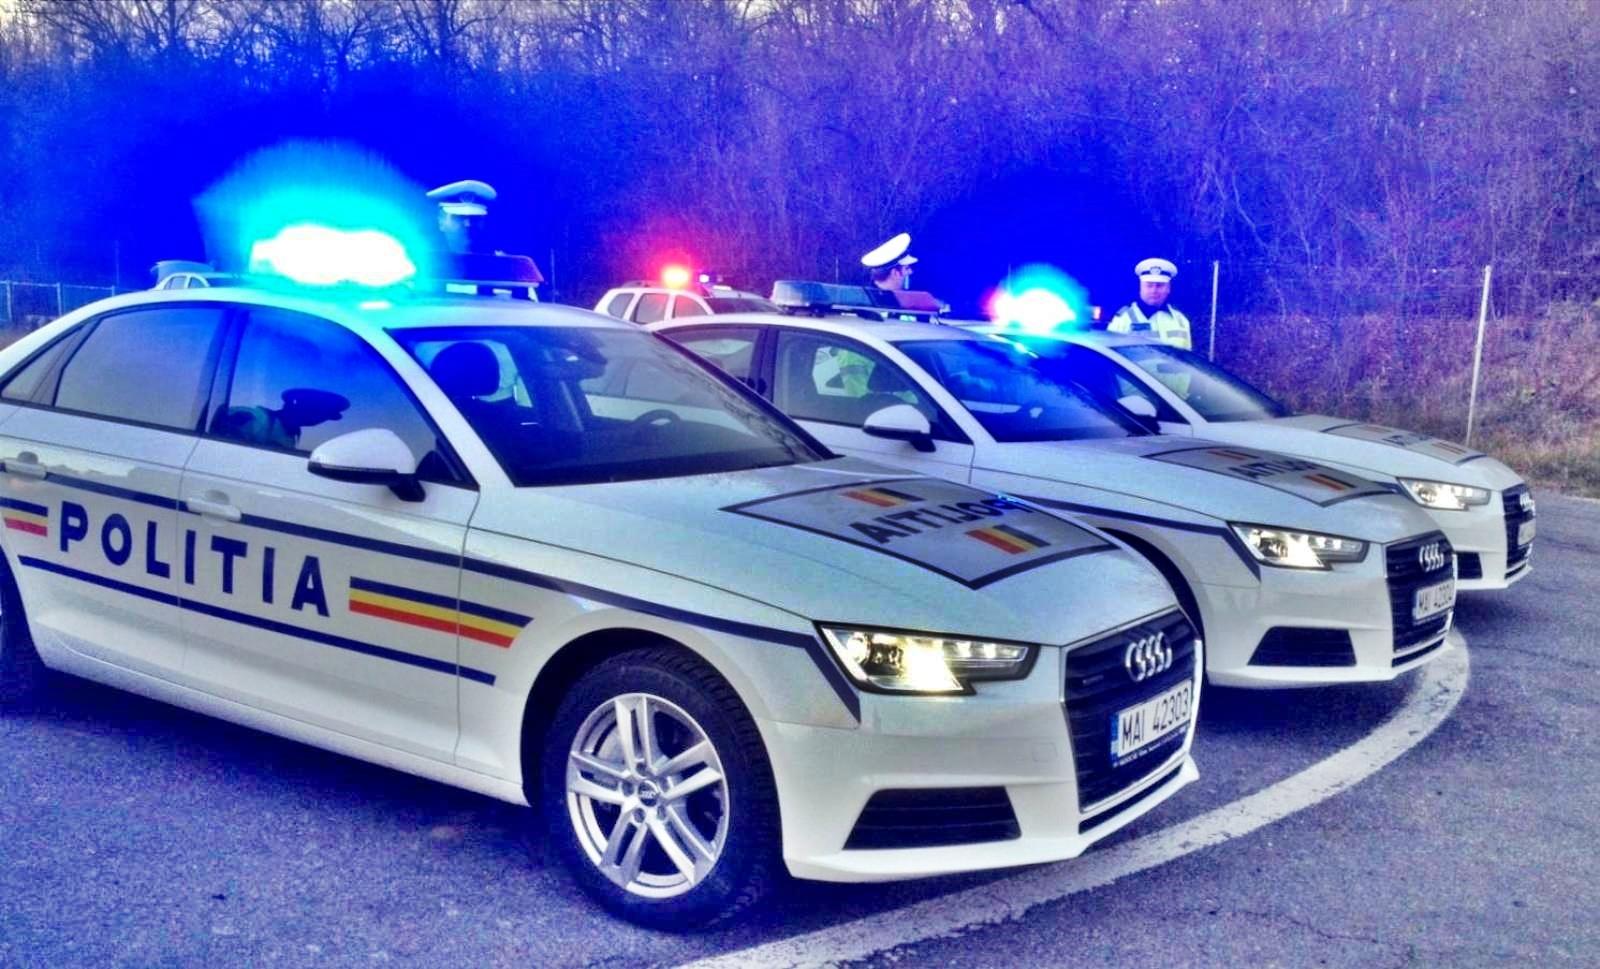 Politia Romana Conditii Face Control Corporal